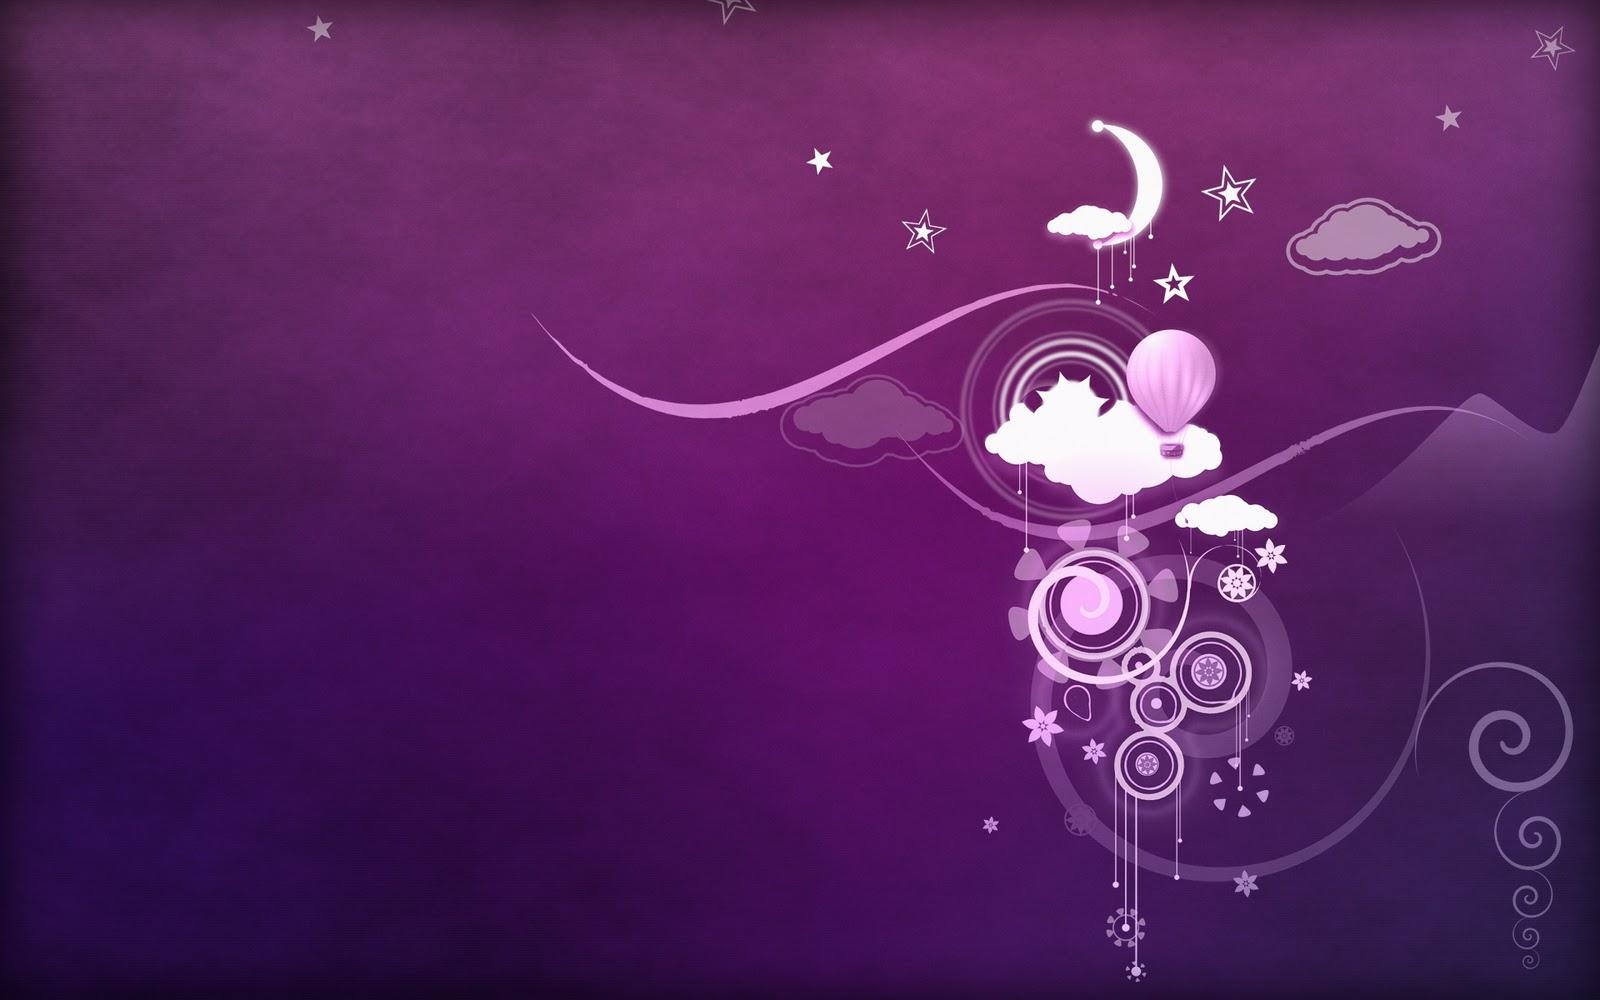 http://3.bp.blogspot.com/-BZ2J9qAIKzs/TrxJ87DdpoI/AAAAAAAAAWc/_d6qkfN14JA/s1600/fondo+violeta.jpg